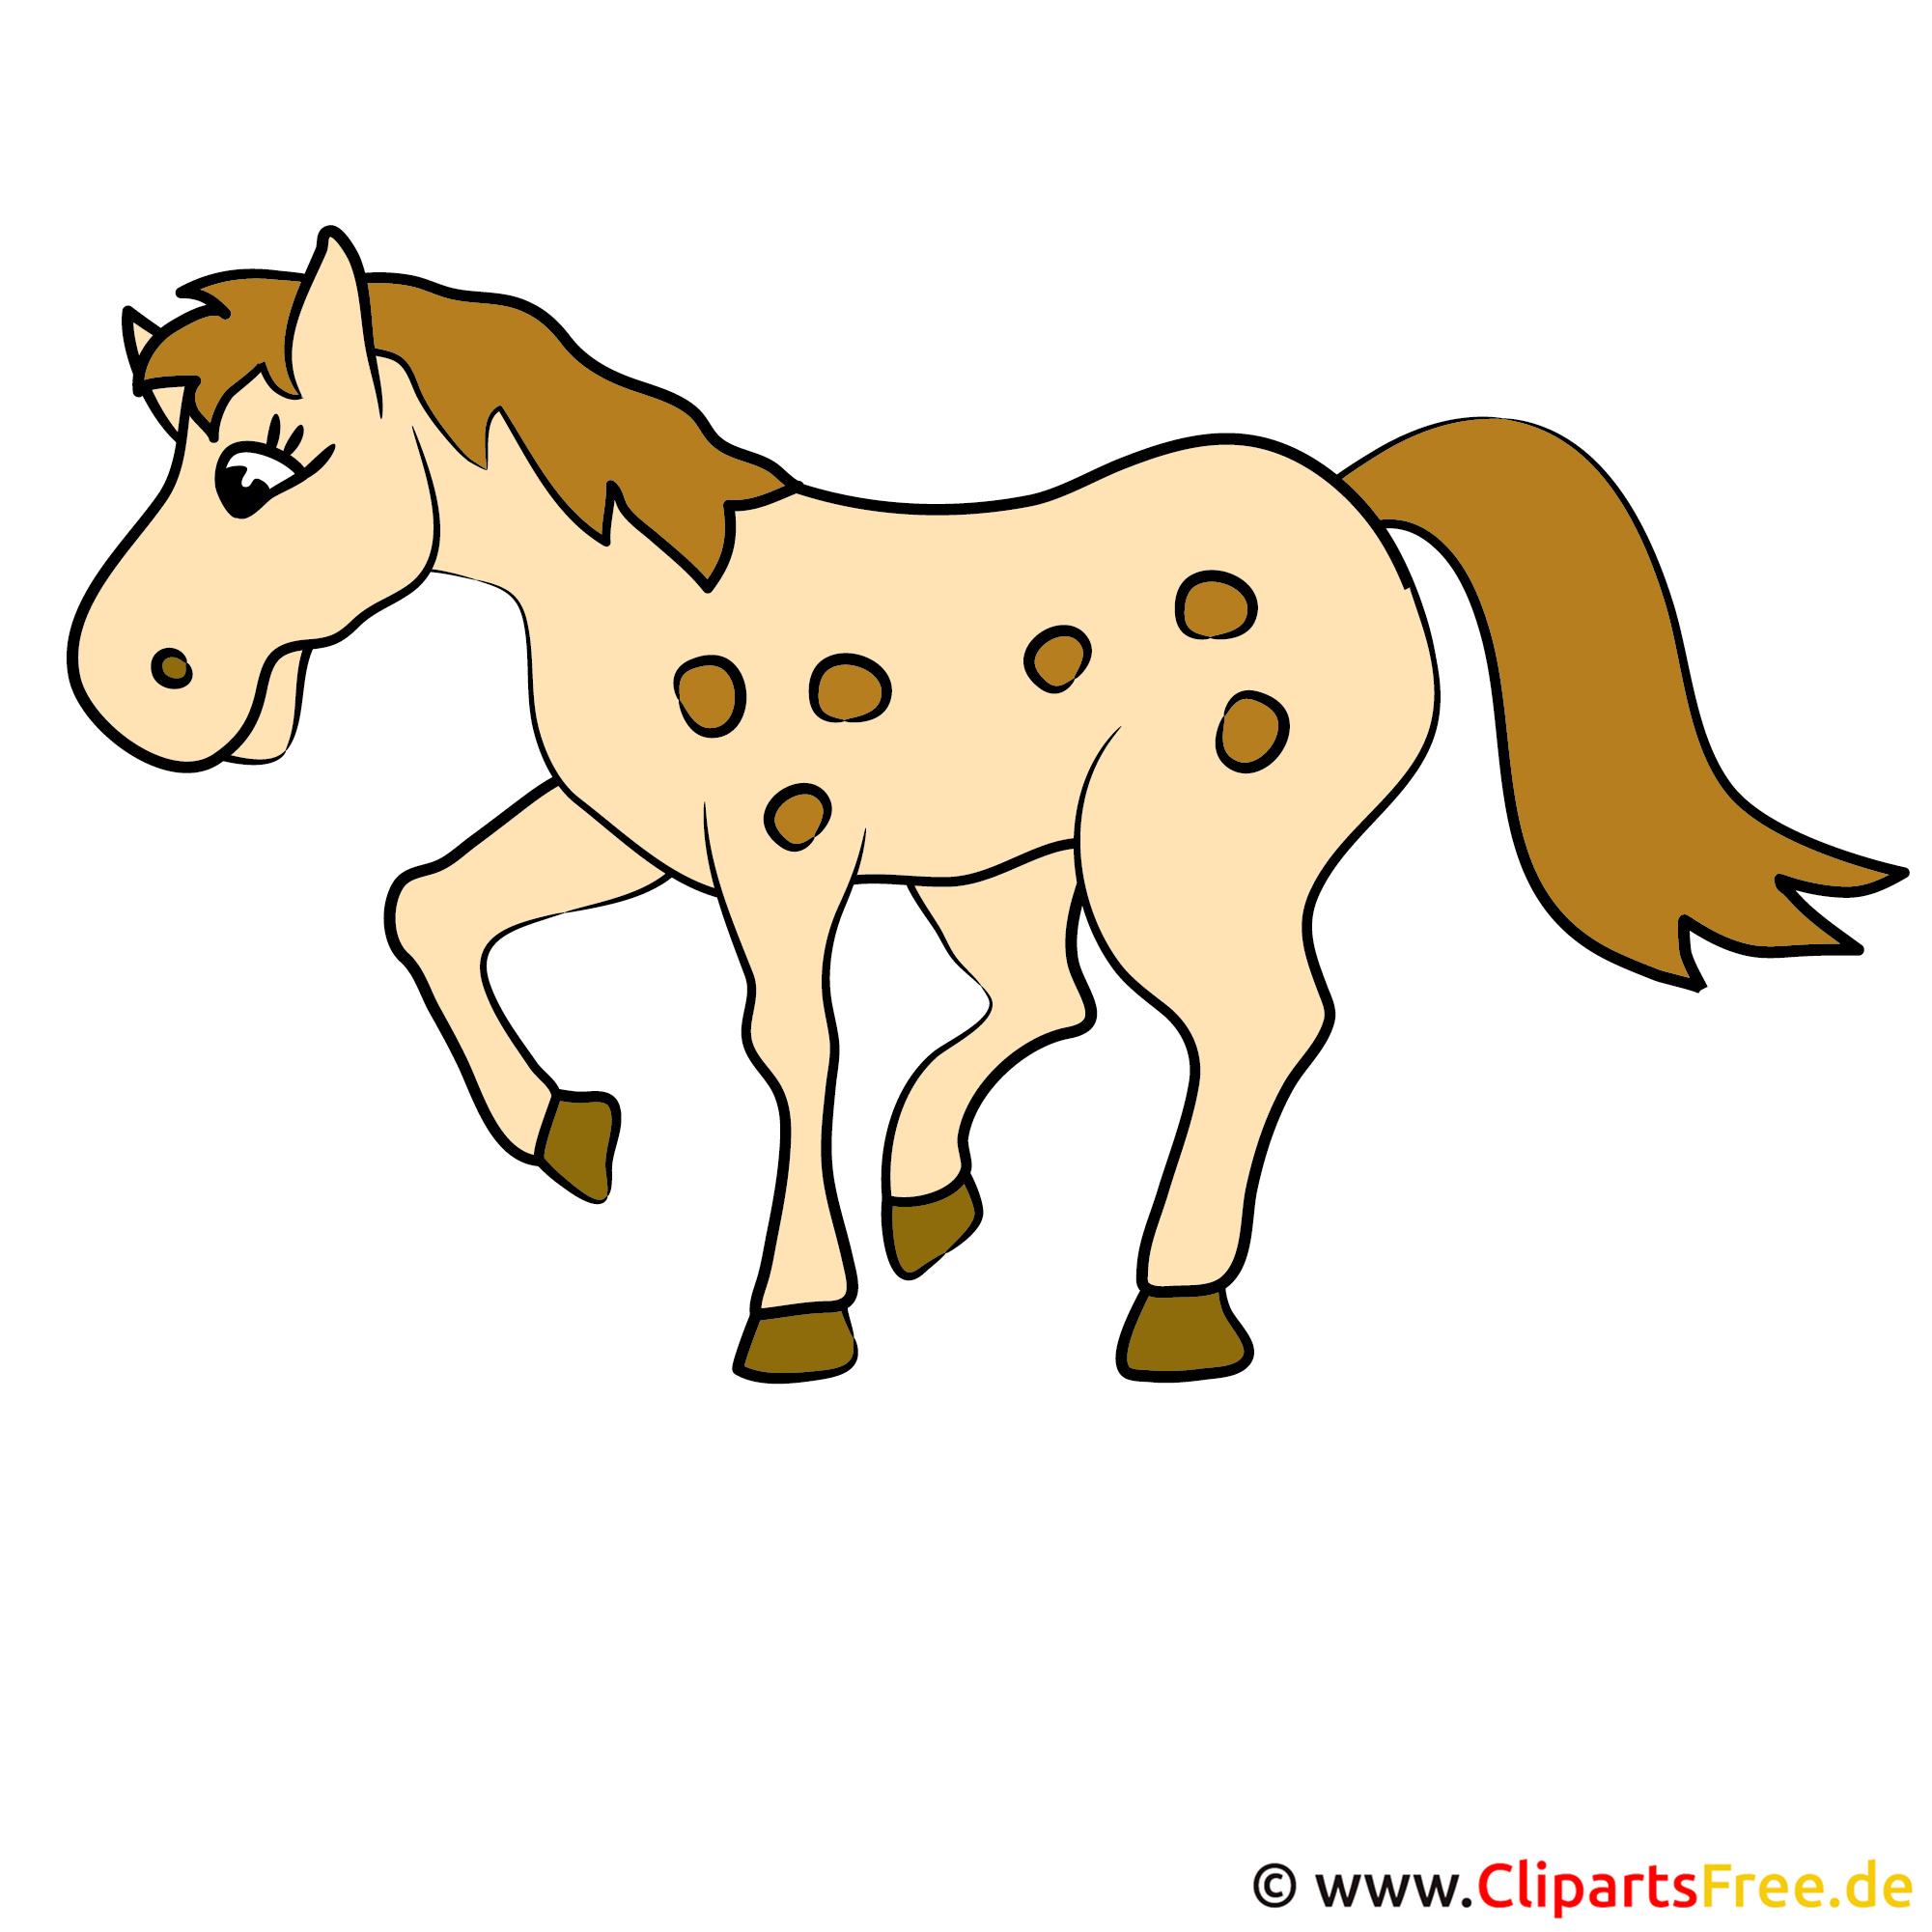 Pferde Bilder, Cliparts, Gifs, Illustrationen, Grafiken kostenlos